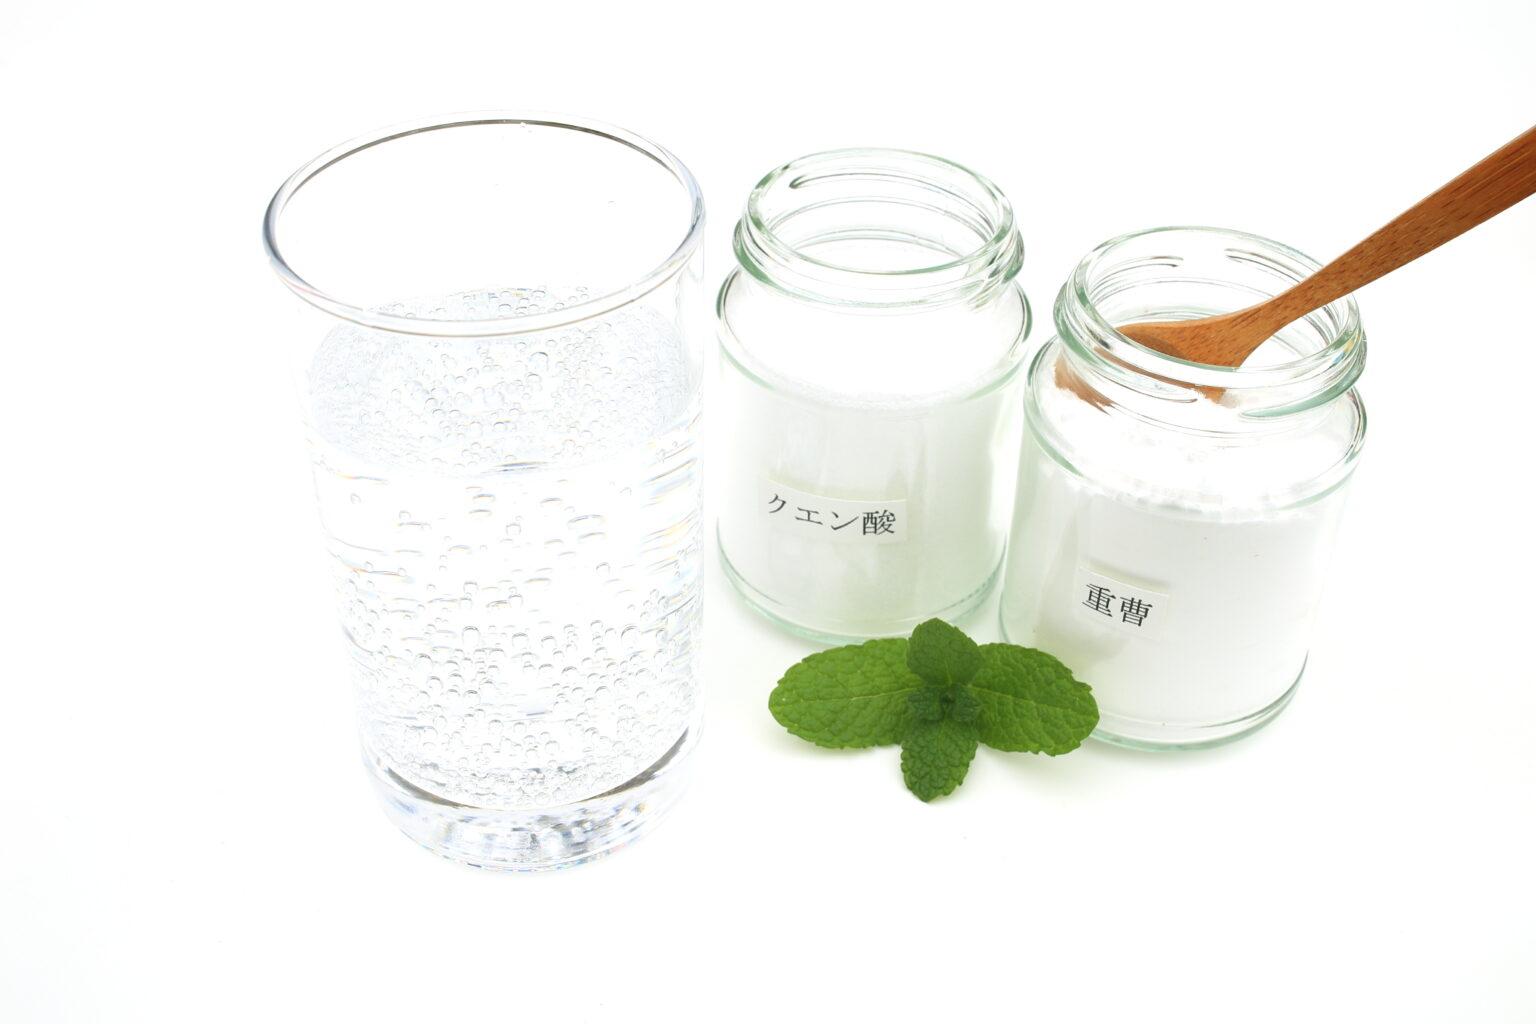 炭酸ソーダと重曹とクエン酸